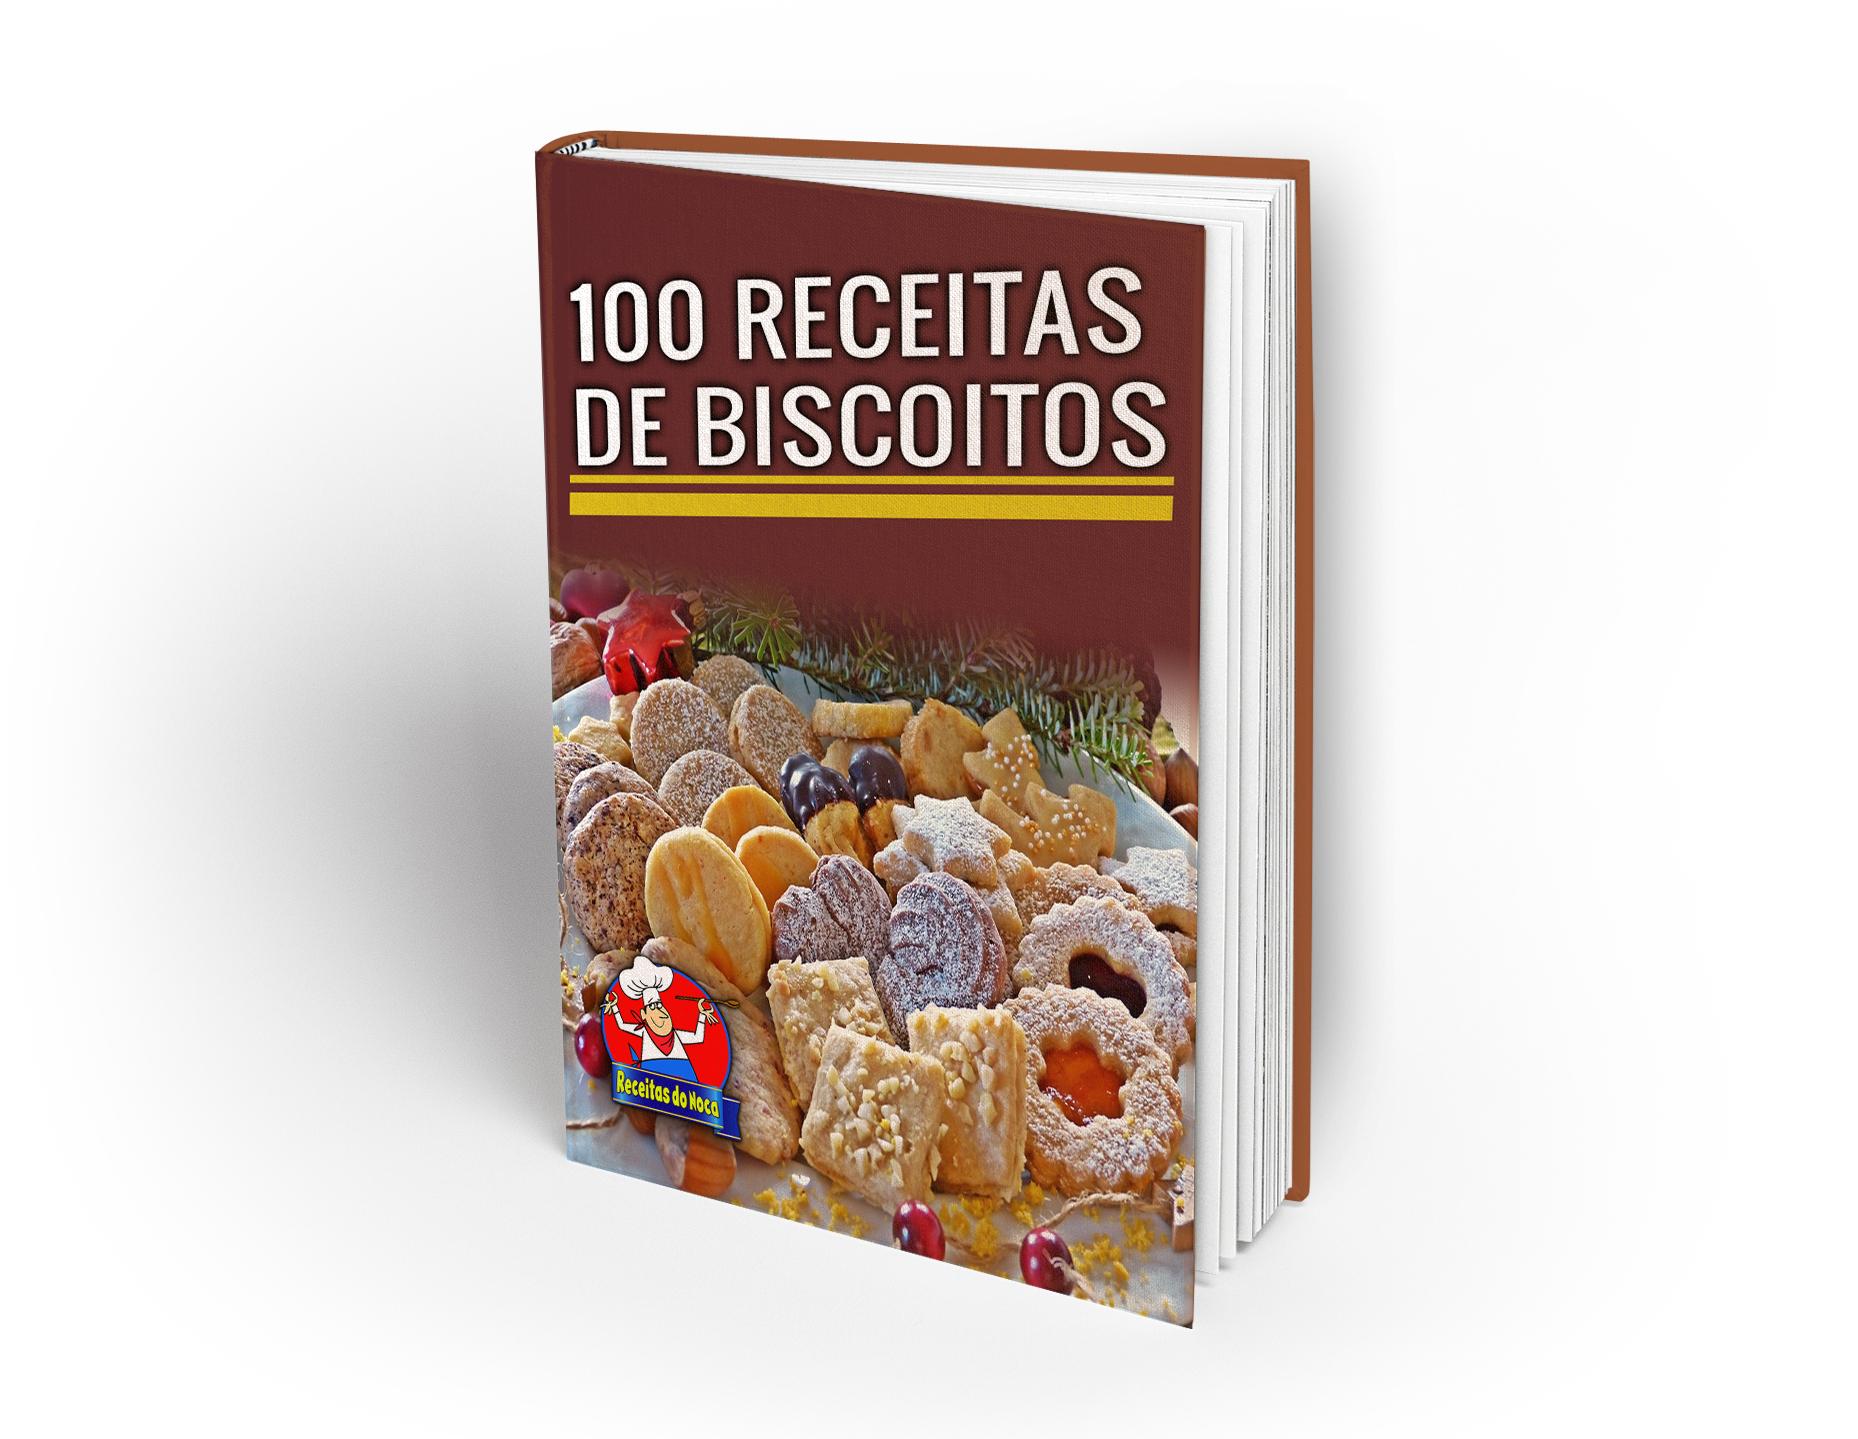 capa-receitas-biscoito.jpg